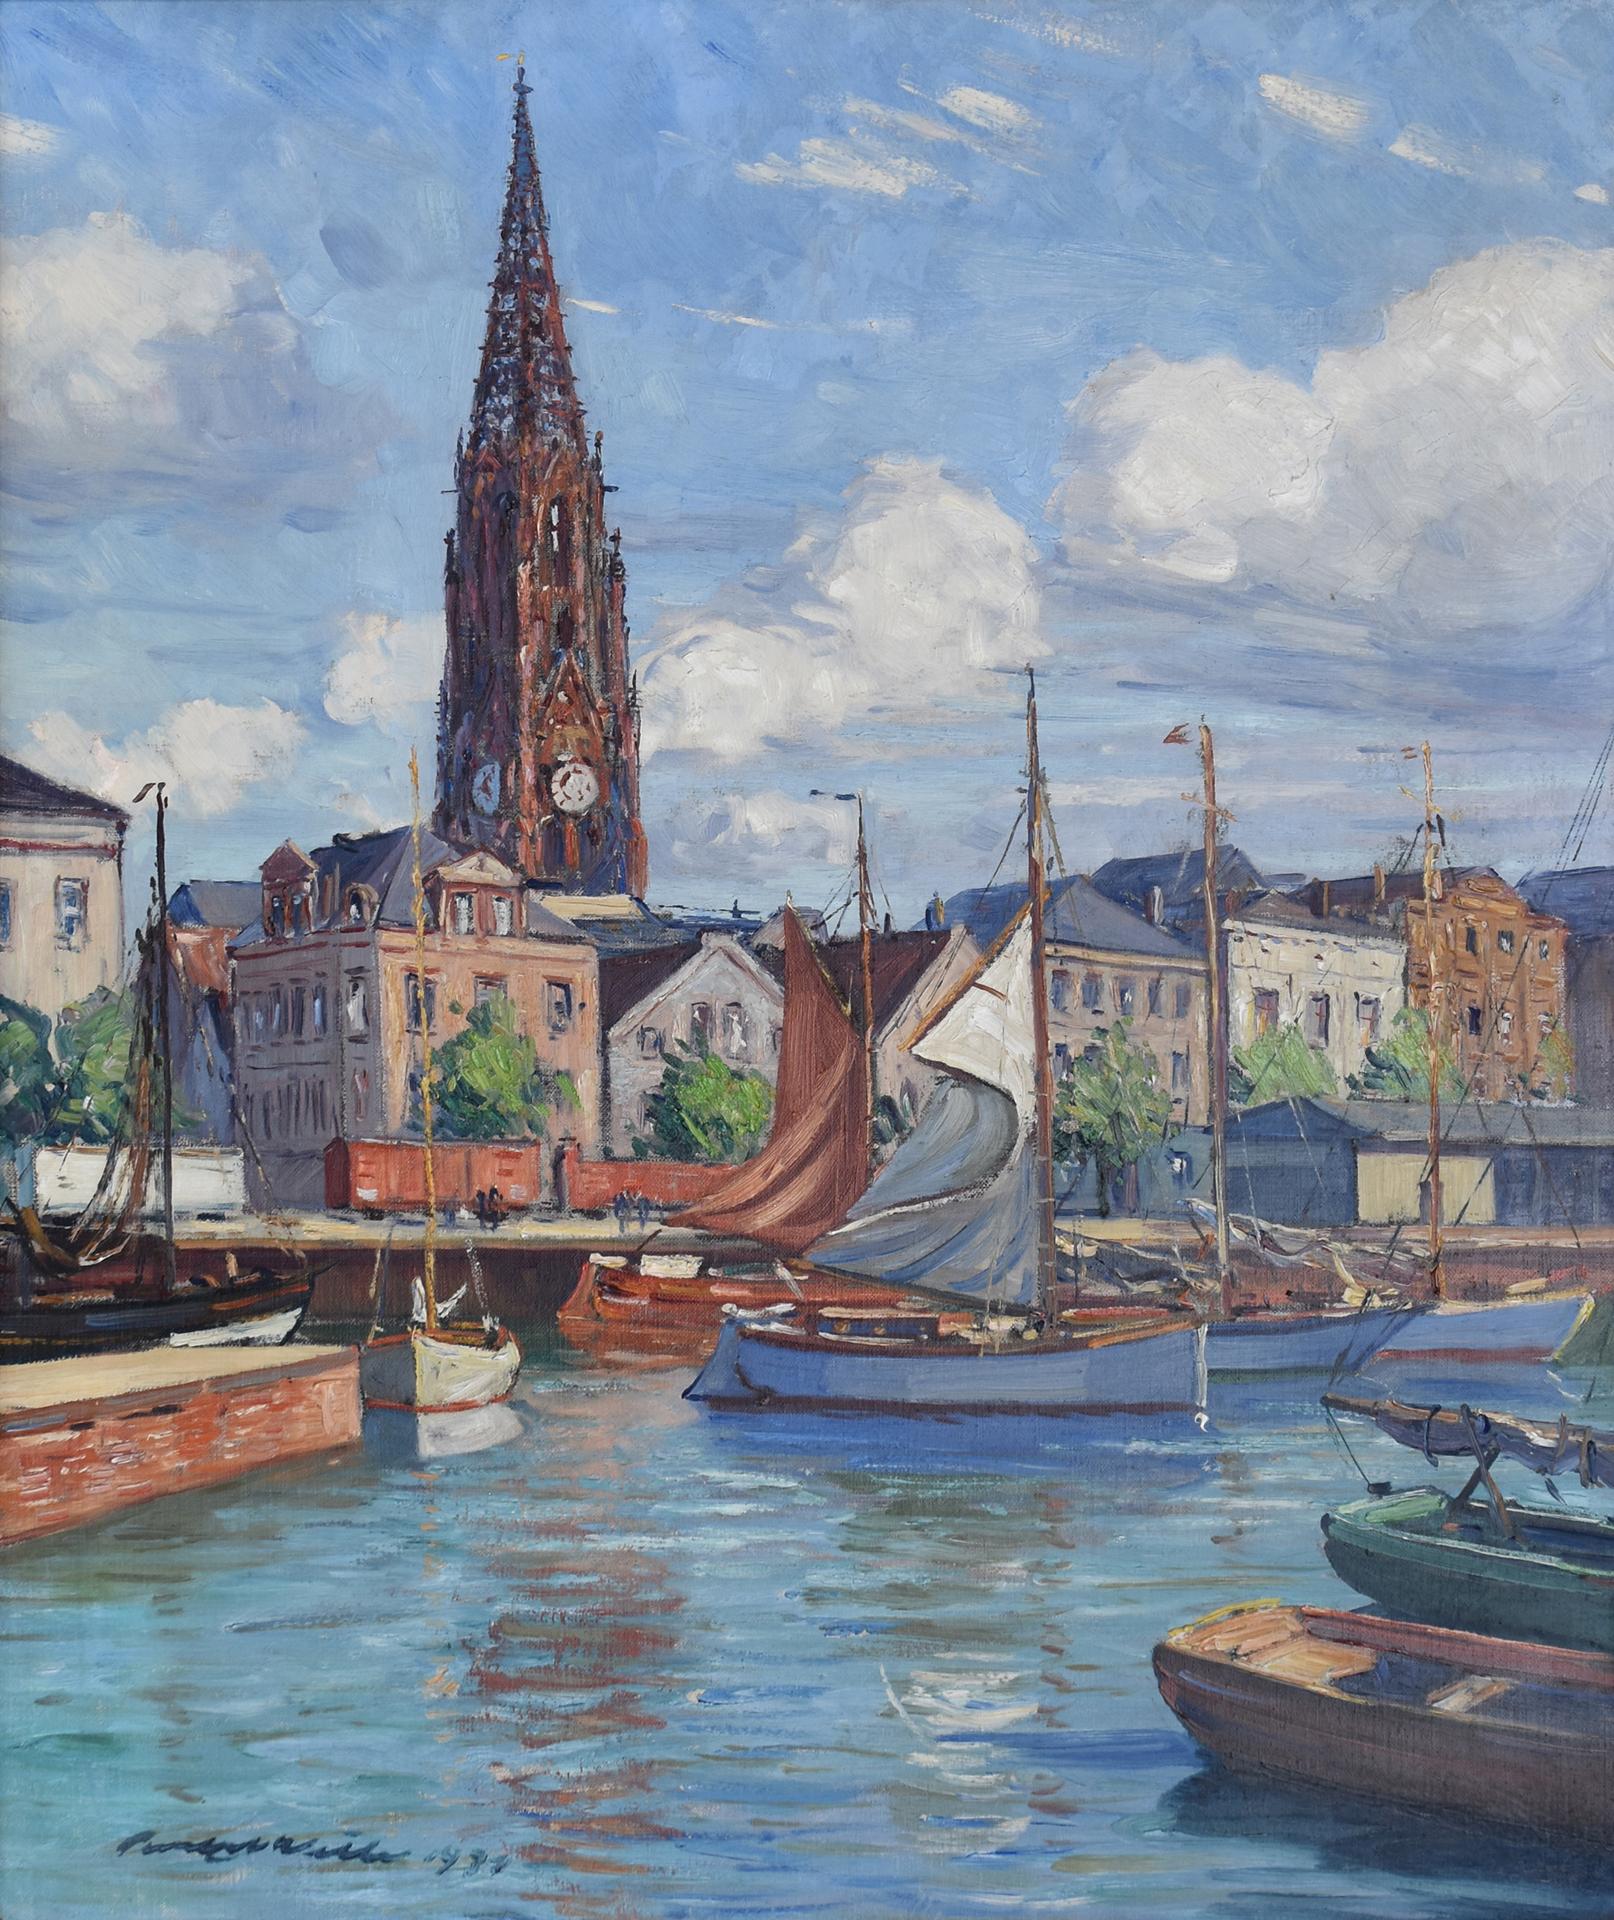 Paul Ernst Wilke (1894-1971): Landschaftsbilder aus fünf Jahrzehnten